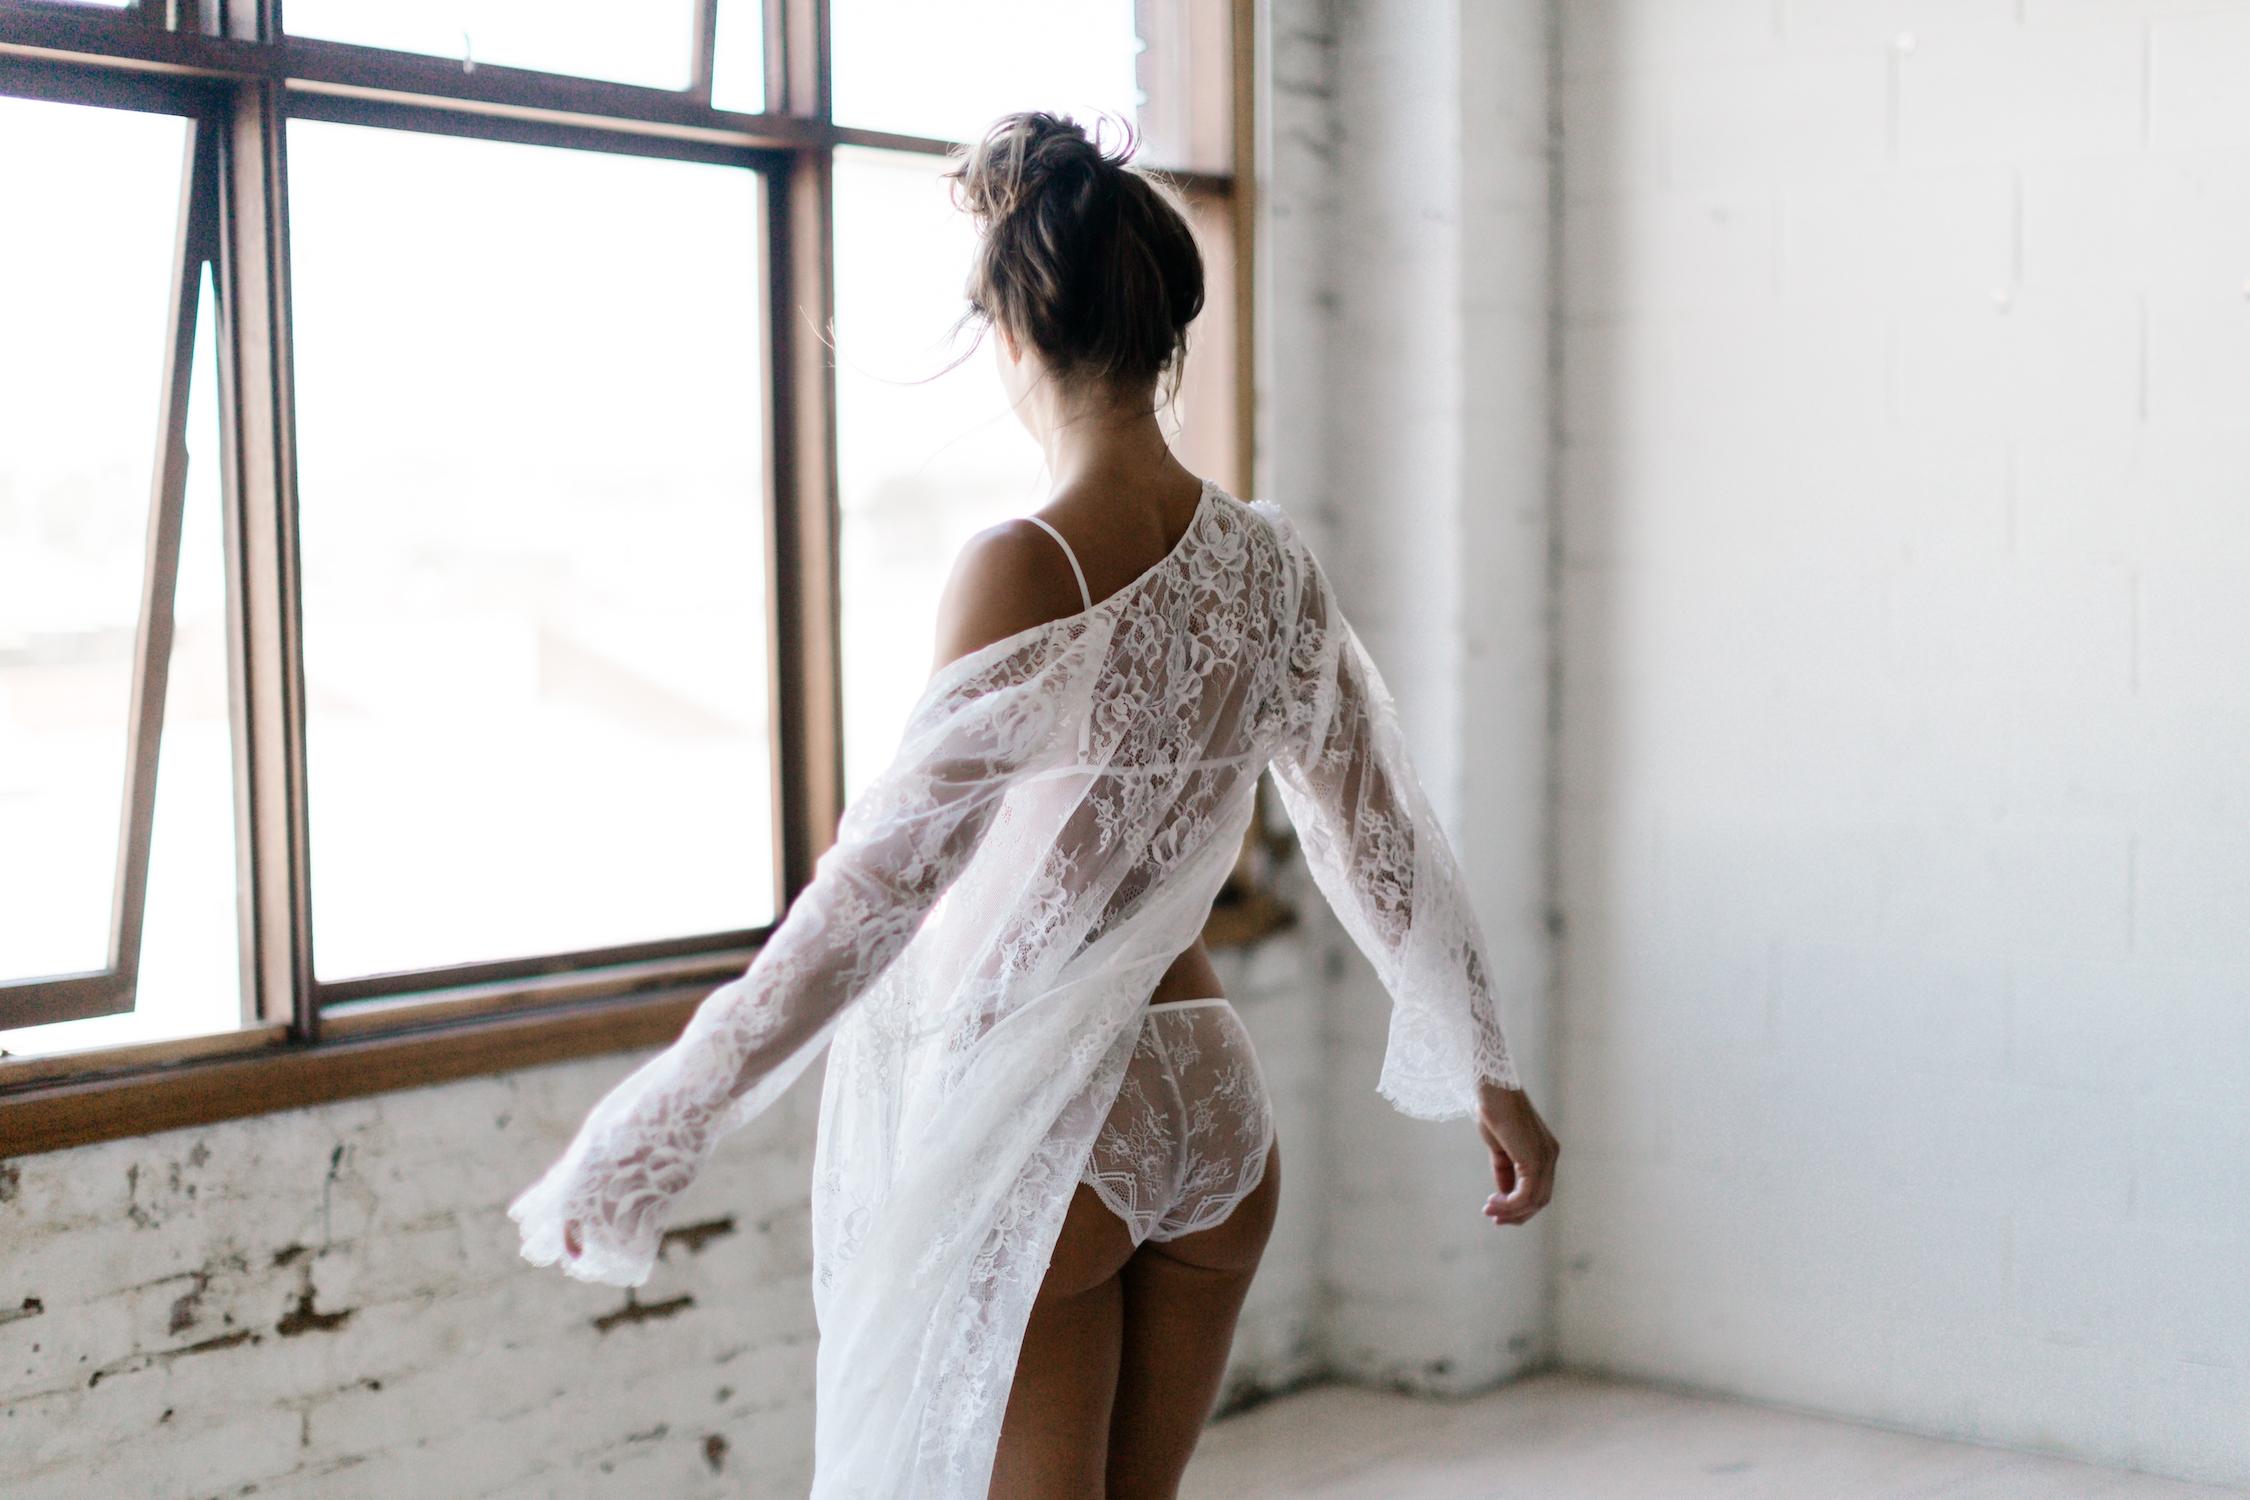 Brautunterwäsche- was drunter tragen?